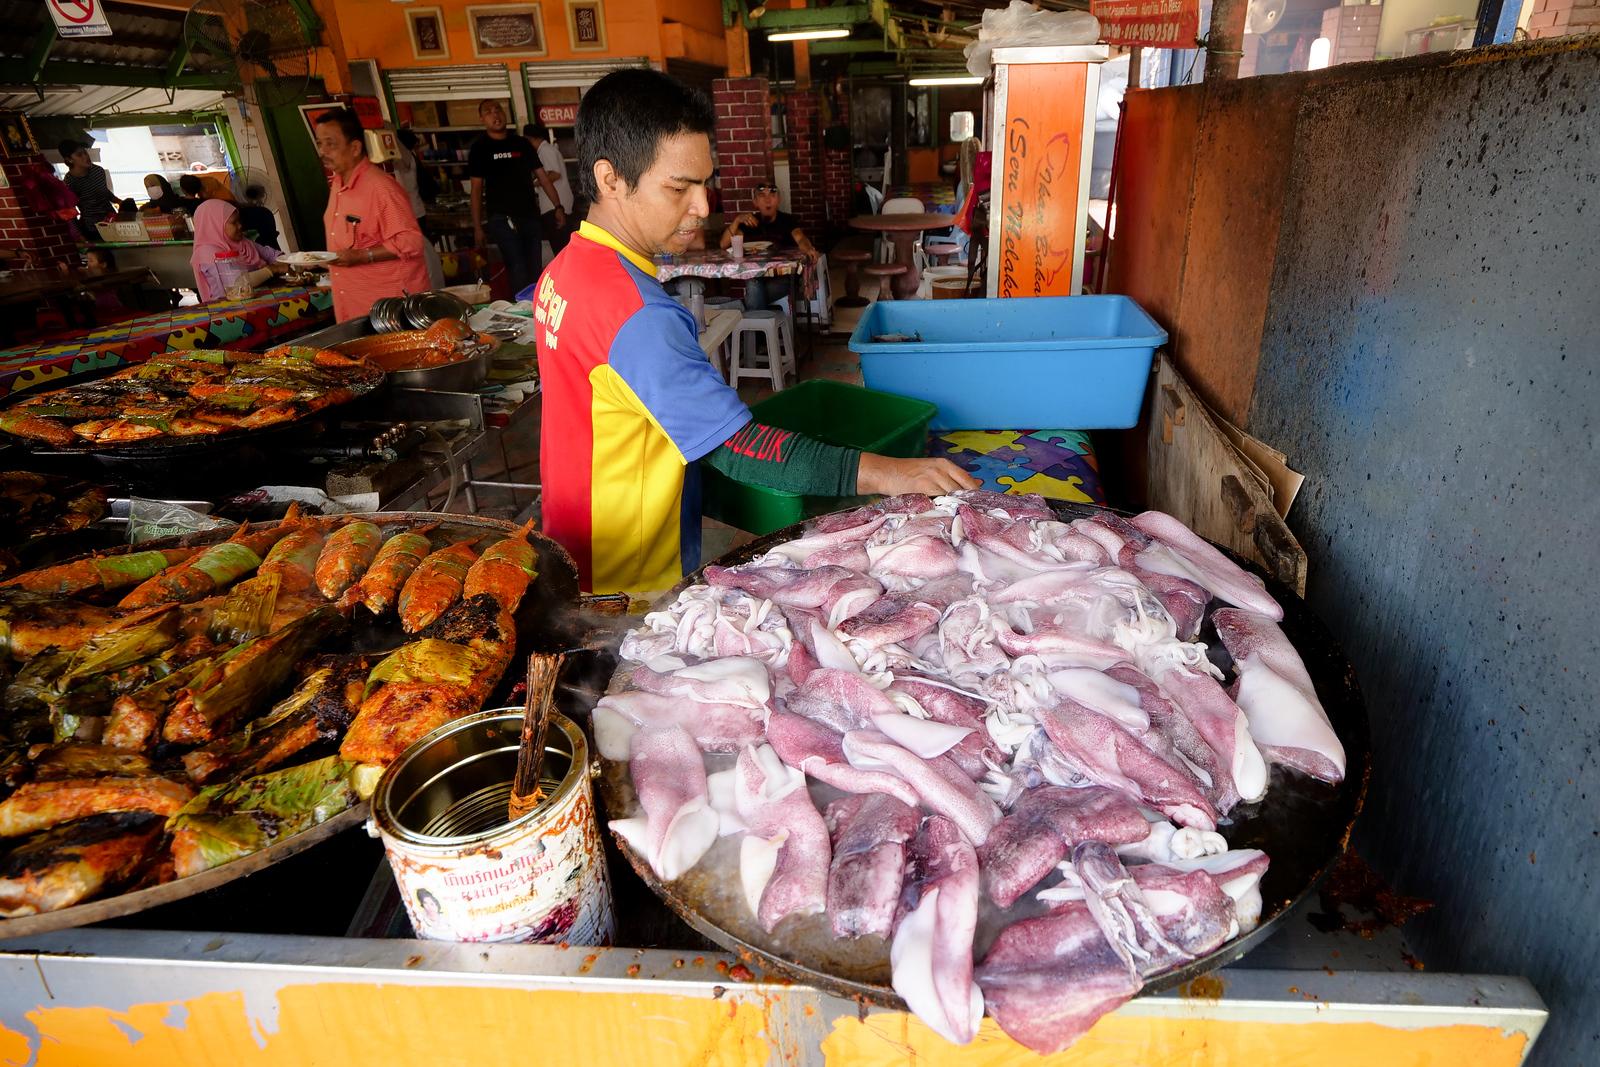 Visit Ikan Bakar Bellamy, the stall you are going to look for first is Ikan Bakar Seri Melaka